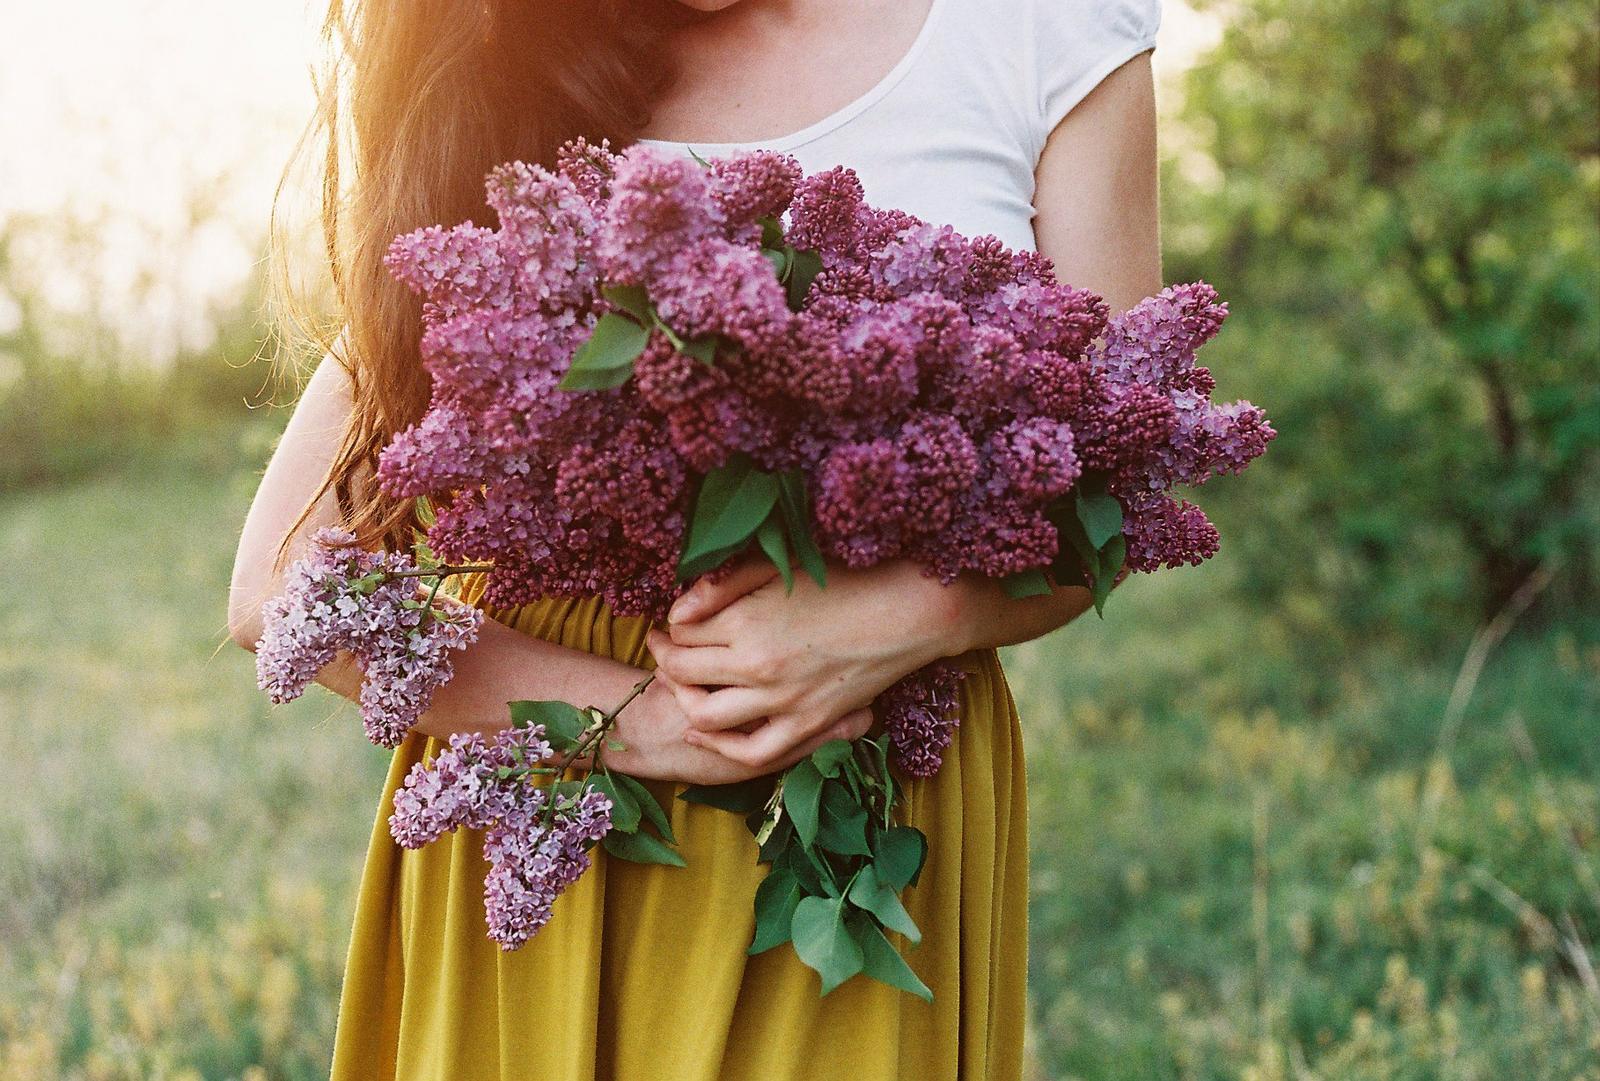 Žienky milé, dnes je náš deň! Užívajte si ho, doprajte si dnes malé i veľké radosti a oslavujte tak, ako vám je blízke. Ja vám všetkým aspoň takto posielam kvety :) - Obrázok č. 1